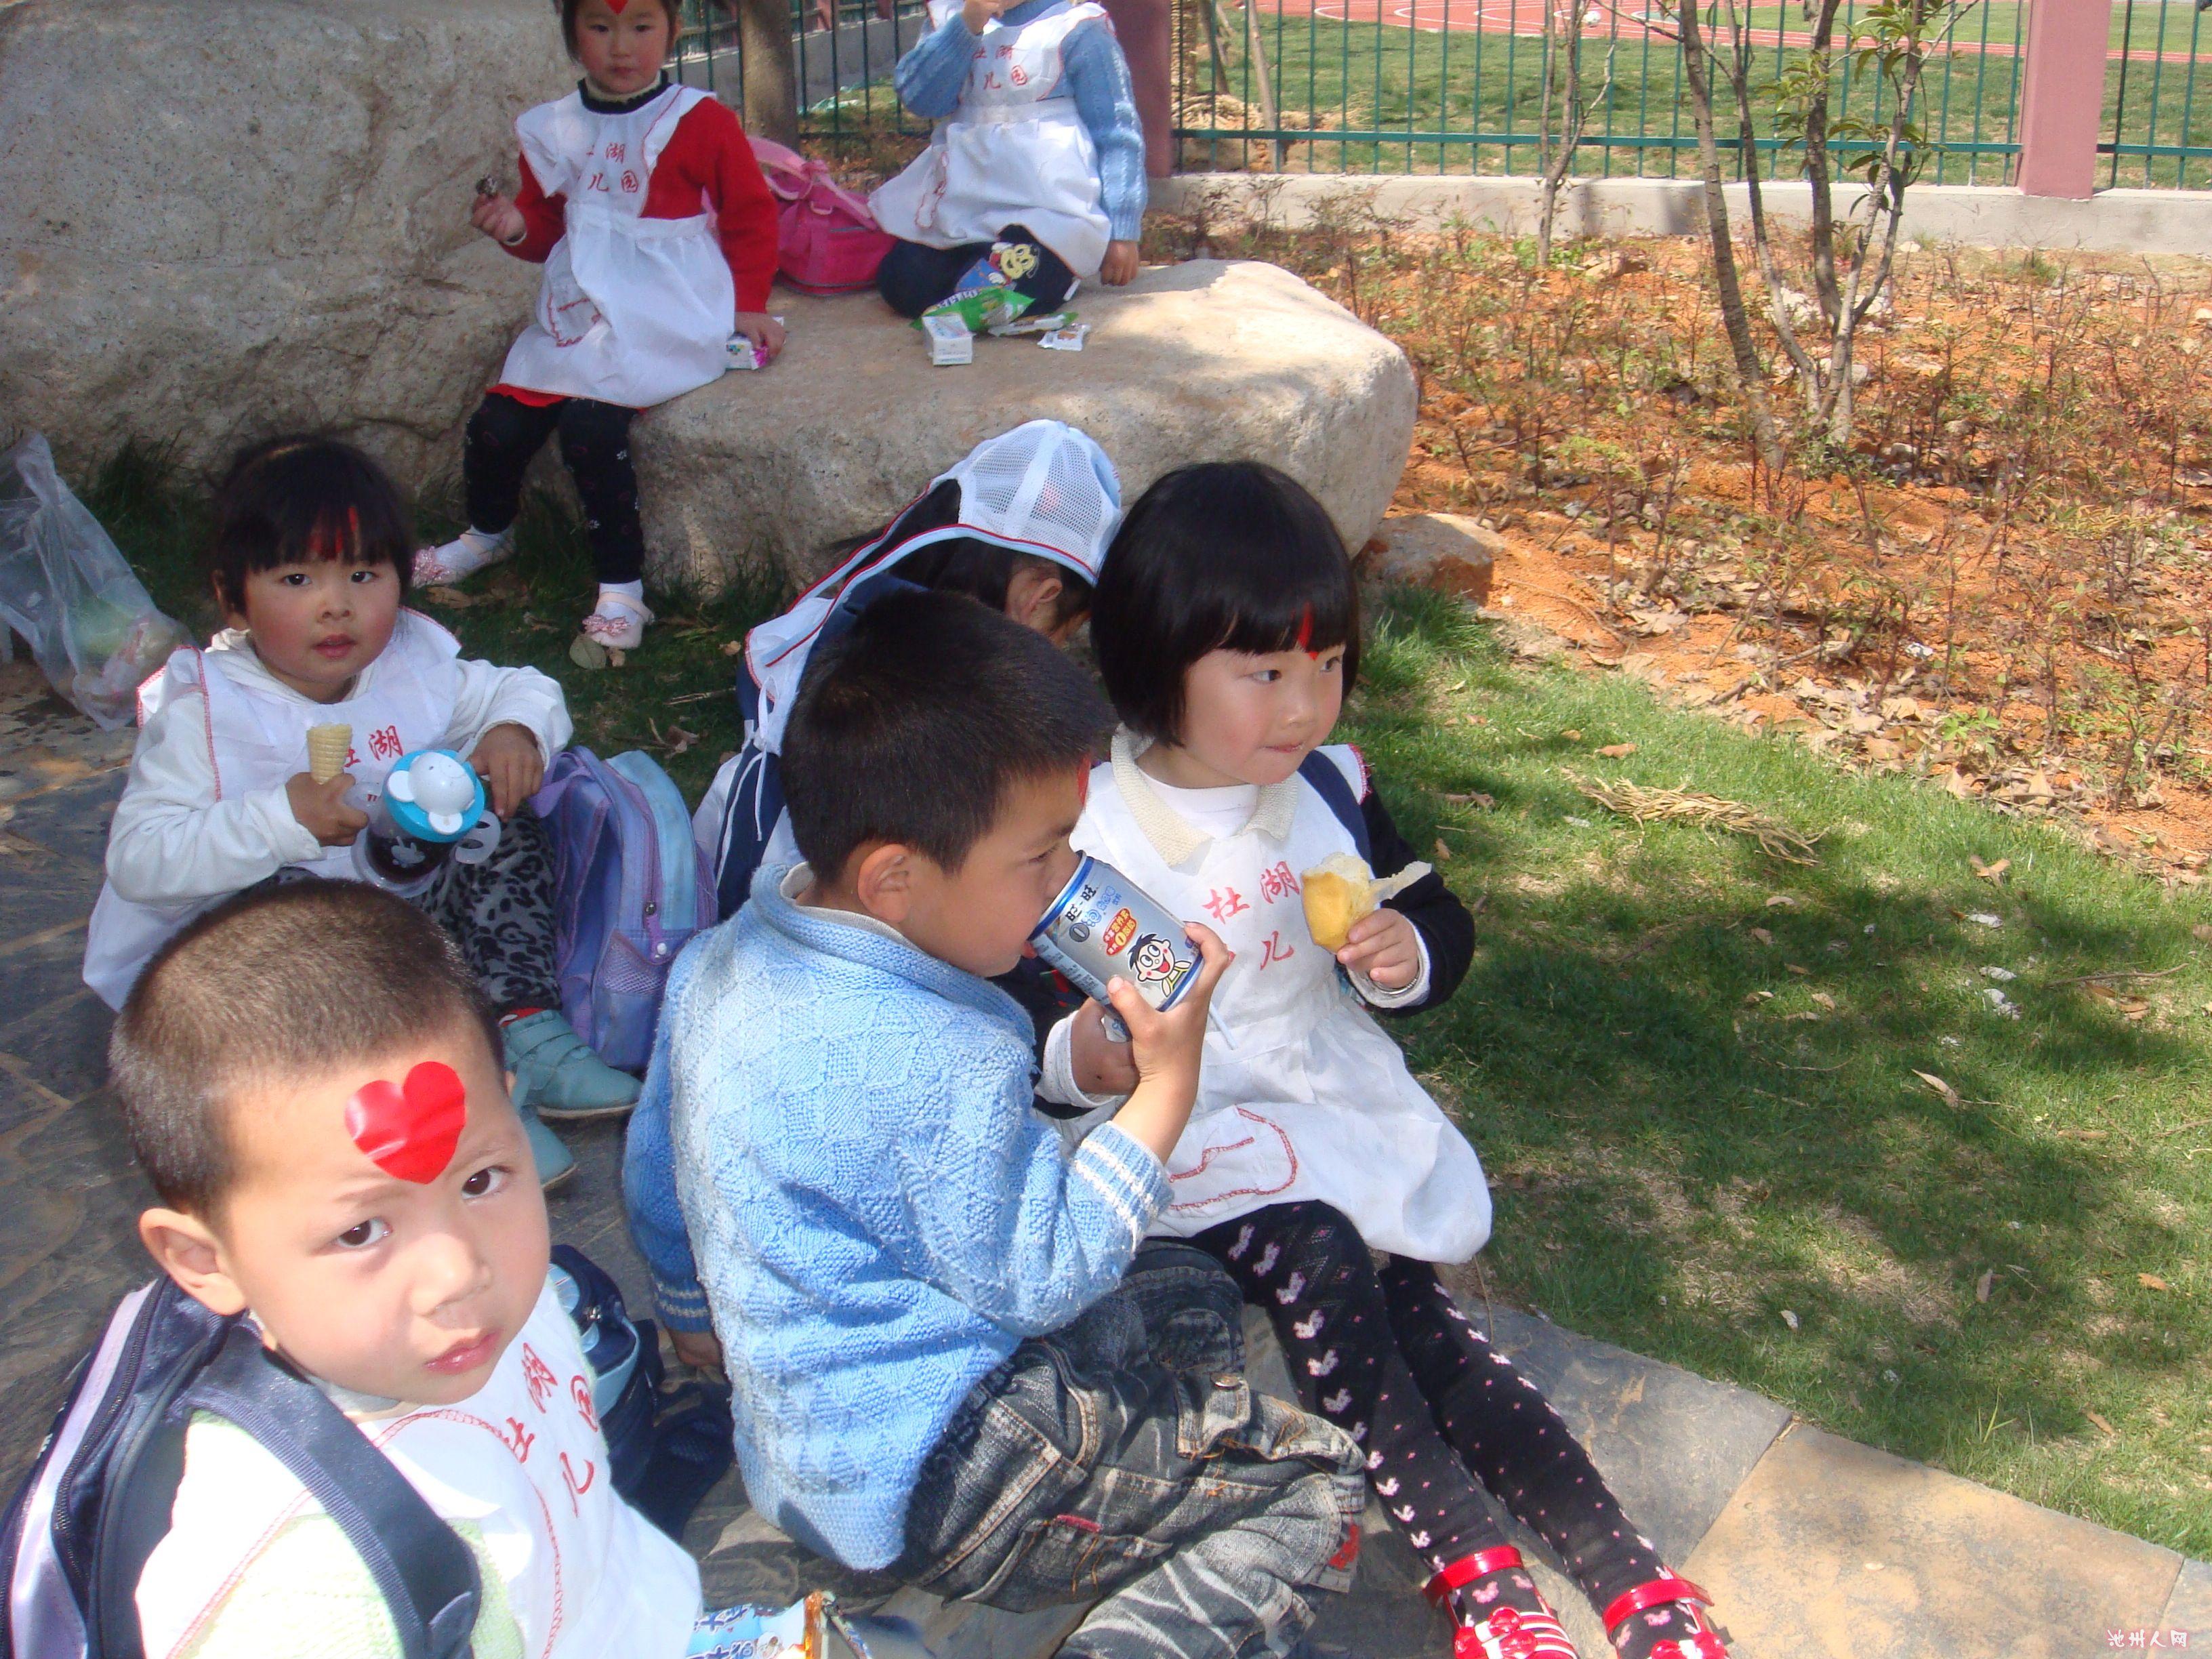 秀2011年杜湖幼儿园小班宝宝春游照片